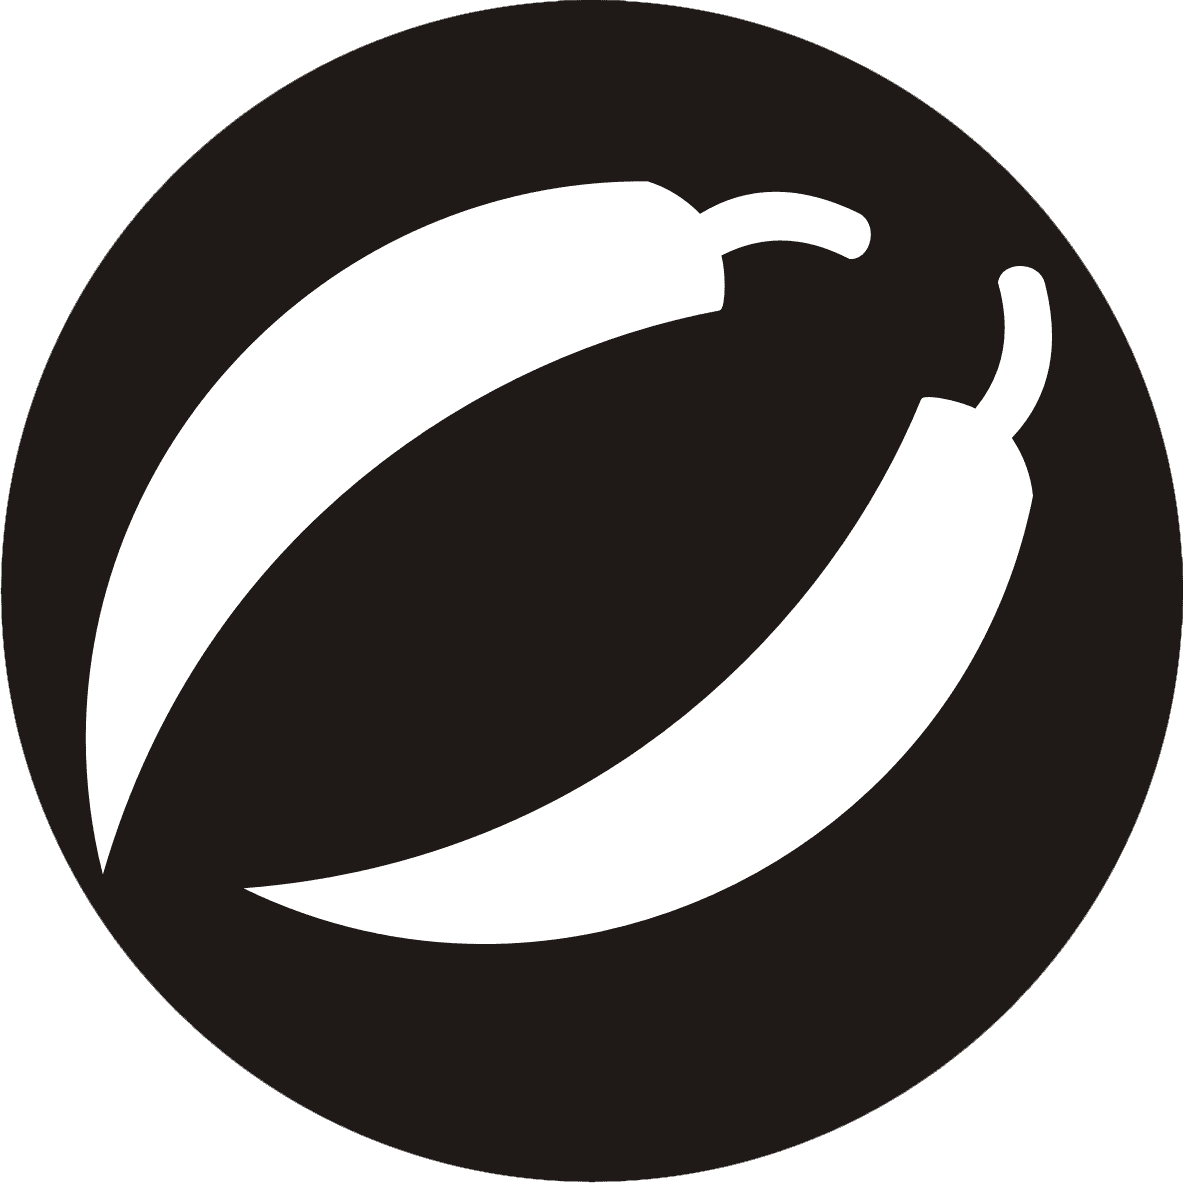 Gappei Restaurante